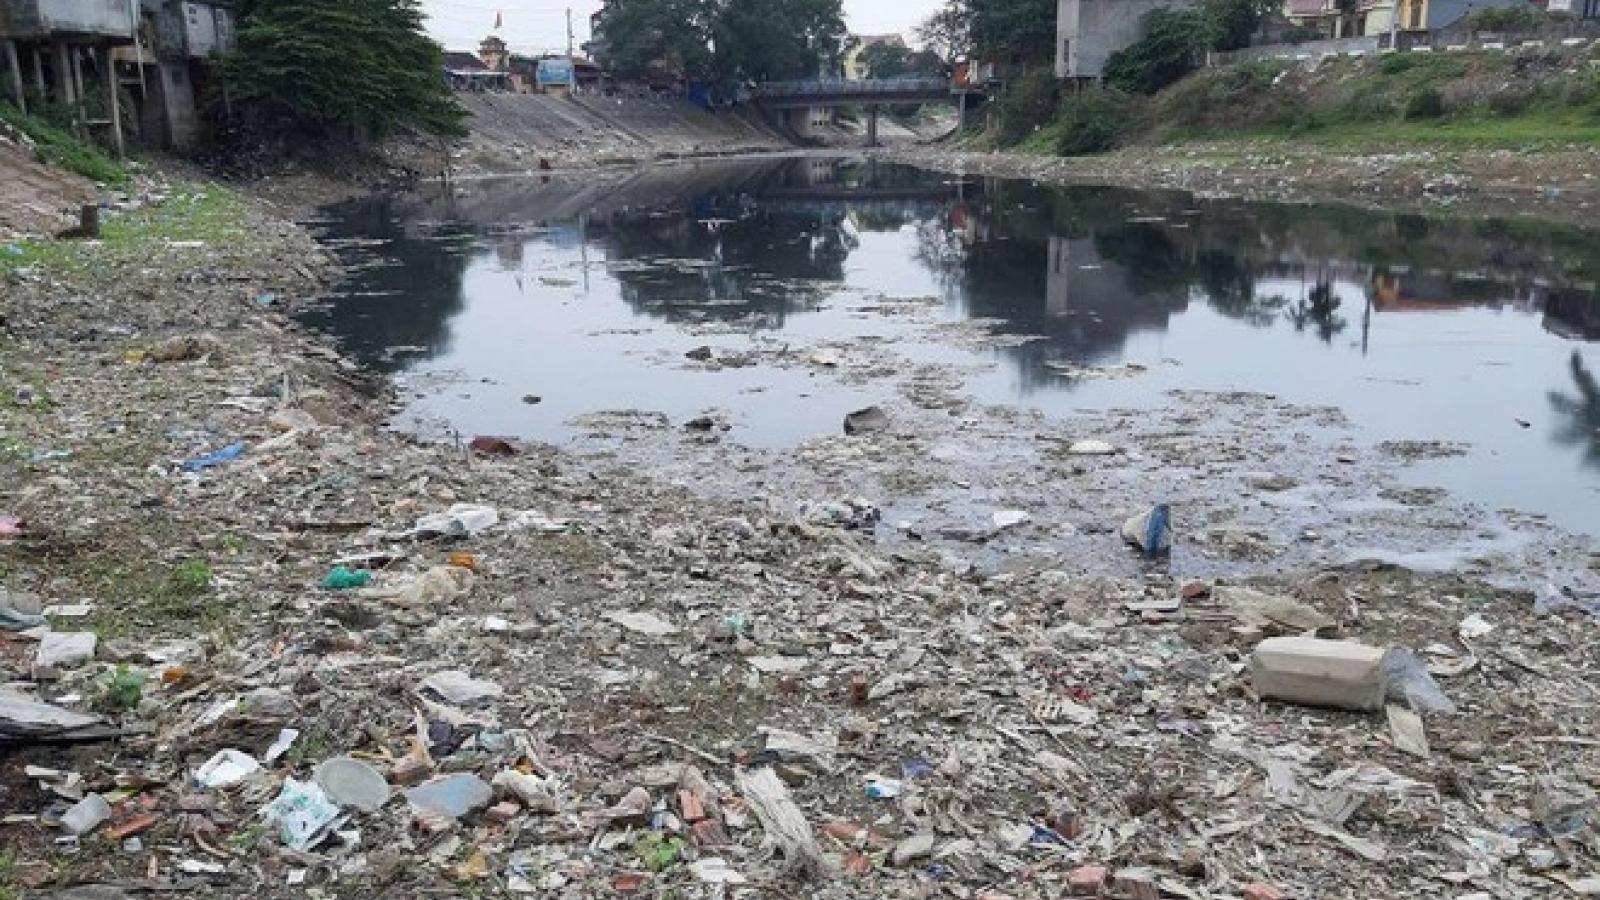 Thủ phạm gây ô nhiễm sông Cầu thách thức cơ quan chức năng